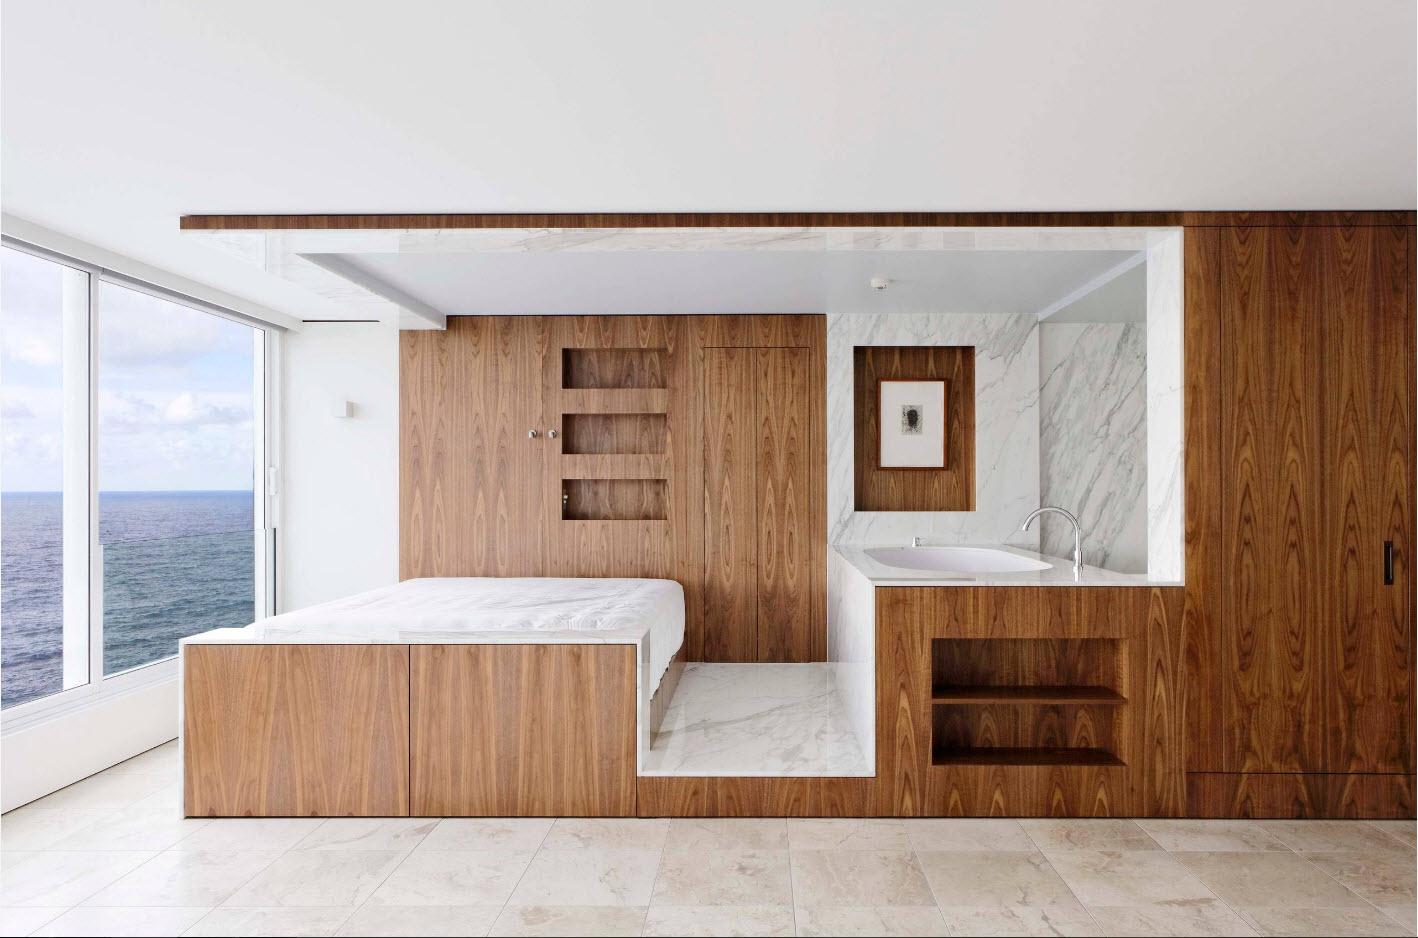 Необычные архитектурные и дизайнерские решения